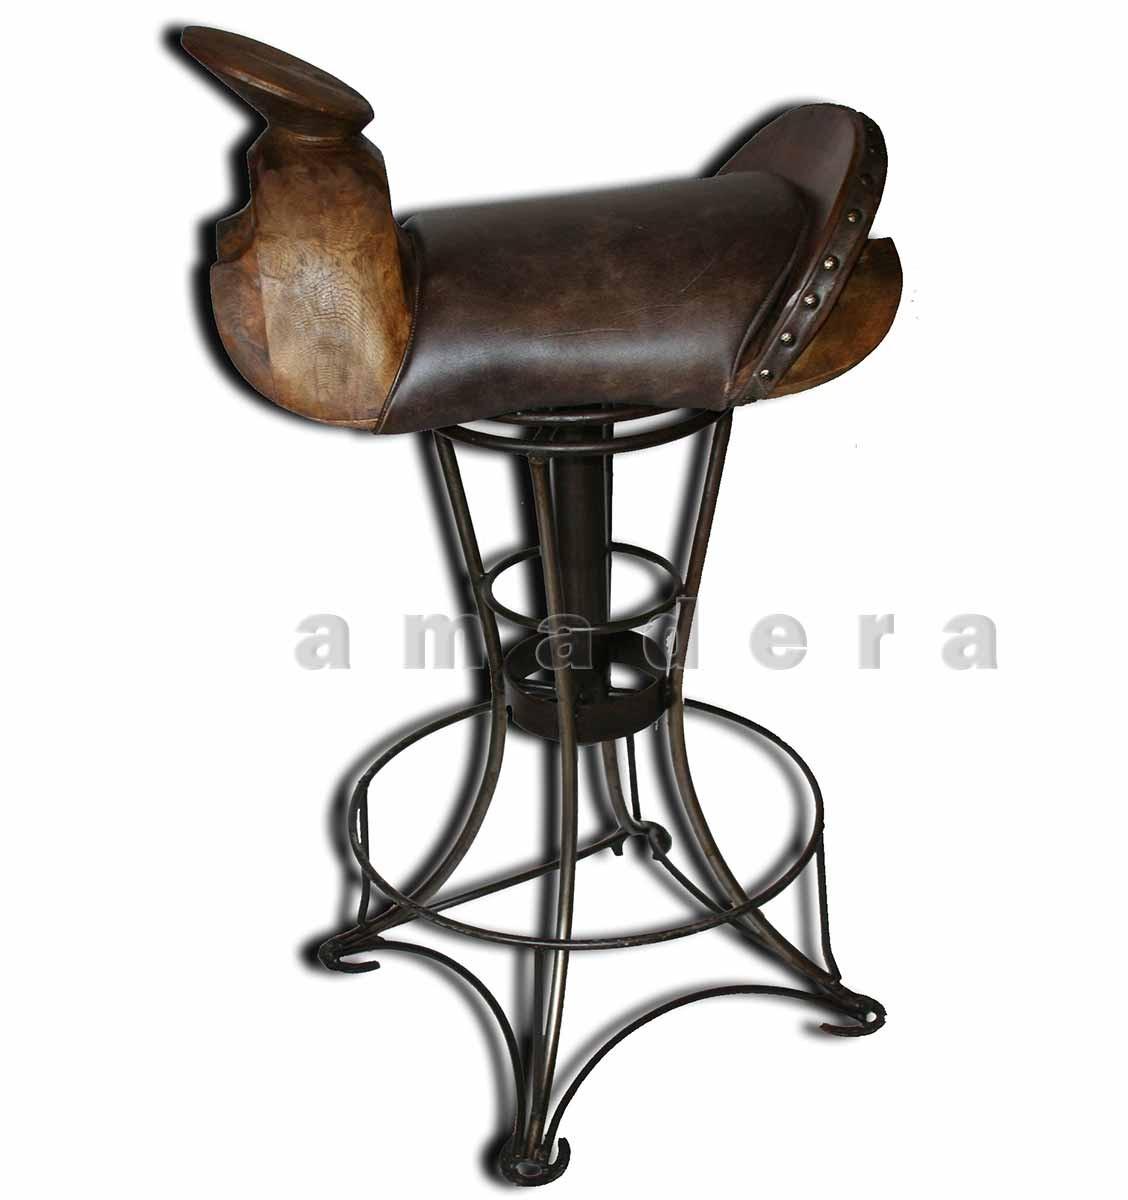 chaise haute de bar en cuir et fer forg chaise pivotante. Black Bedroom Furniture Sets. Home Design Ideas